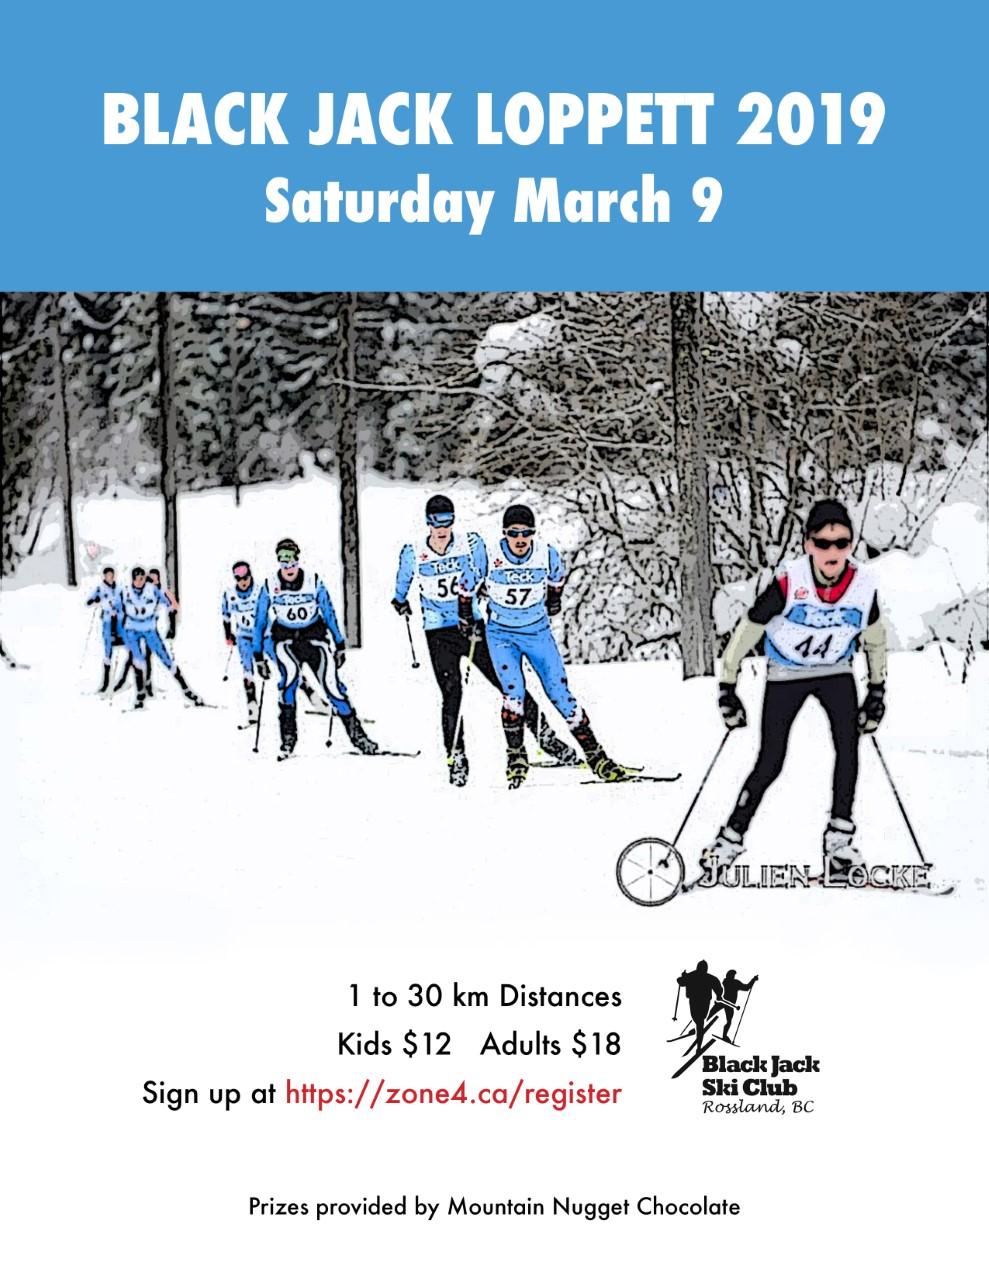 BJ loppet 2019_race-poster-print.jpg